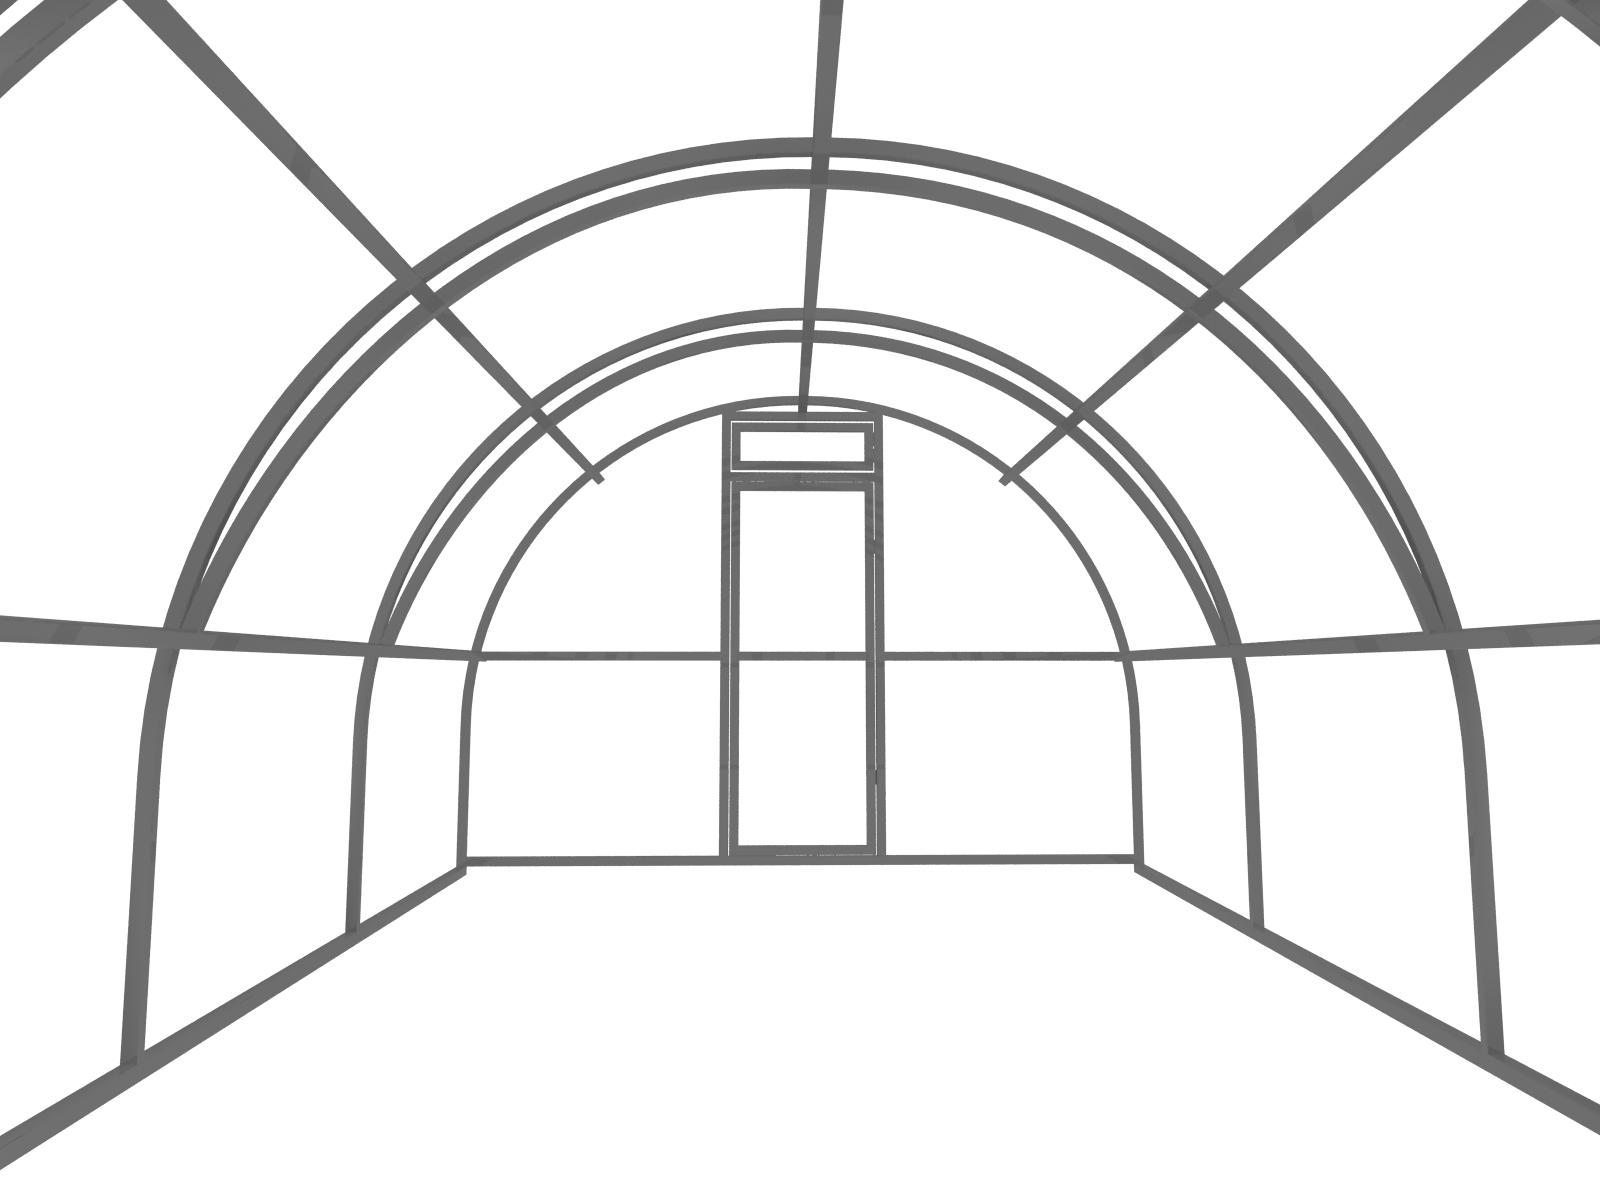 схема сборки теплицы новатор из поликарбоната